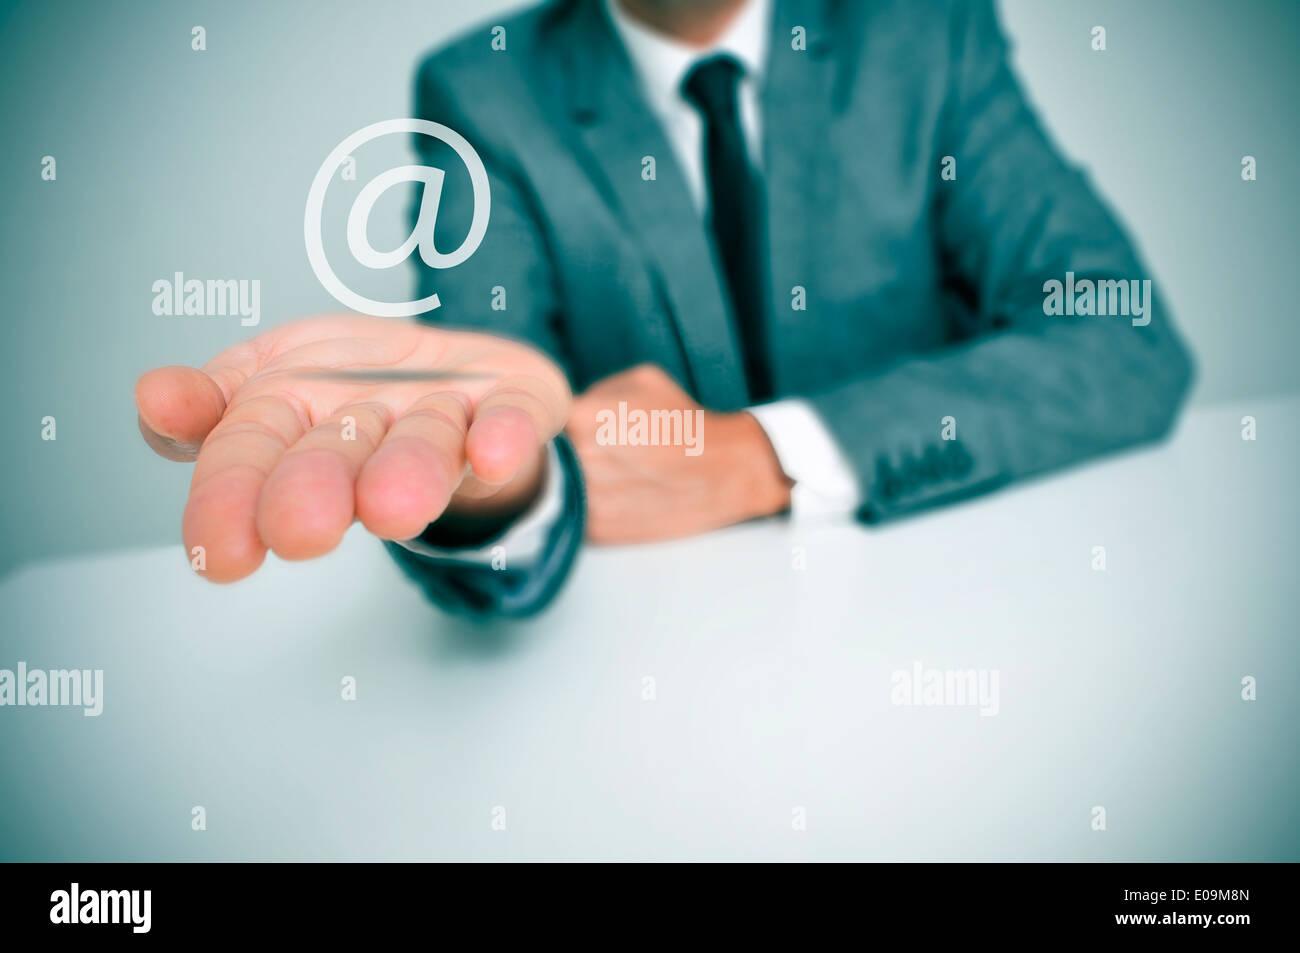 Un homme assis dans un bureau avec une connexion à la main, illustrant le concept de service de messagerie Photo Stock